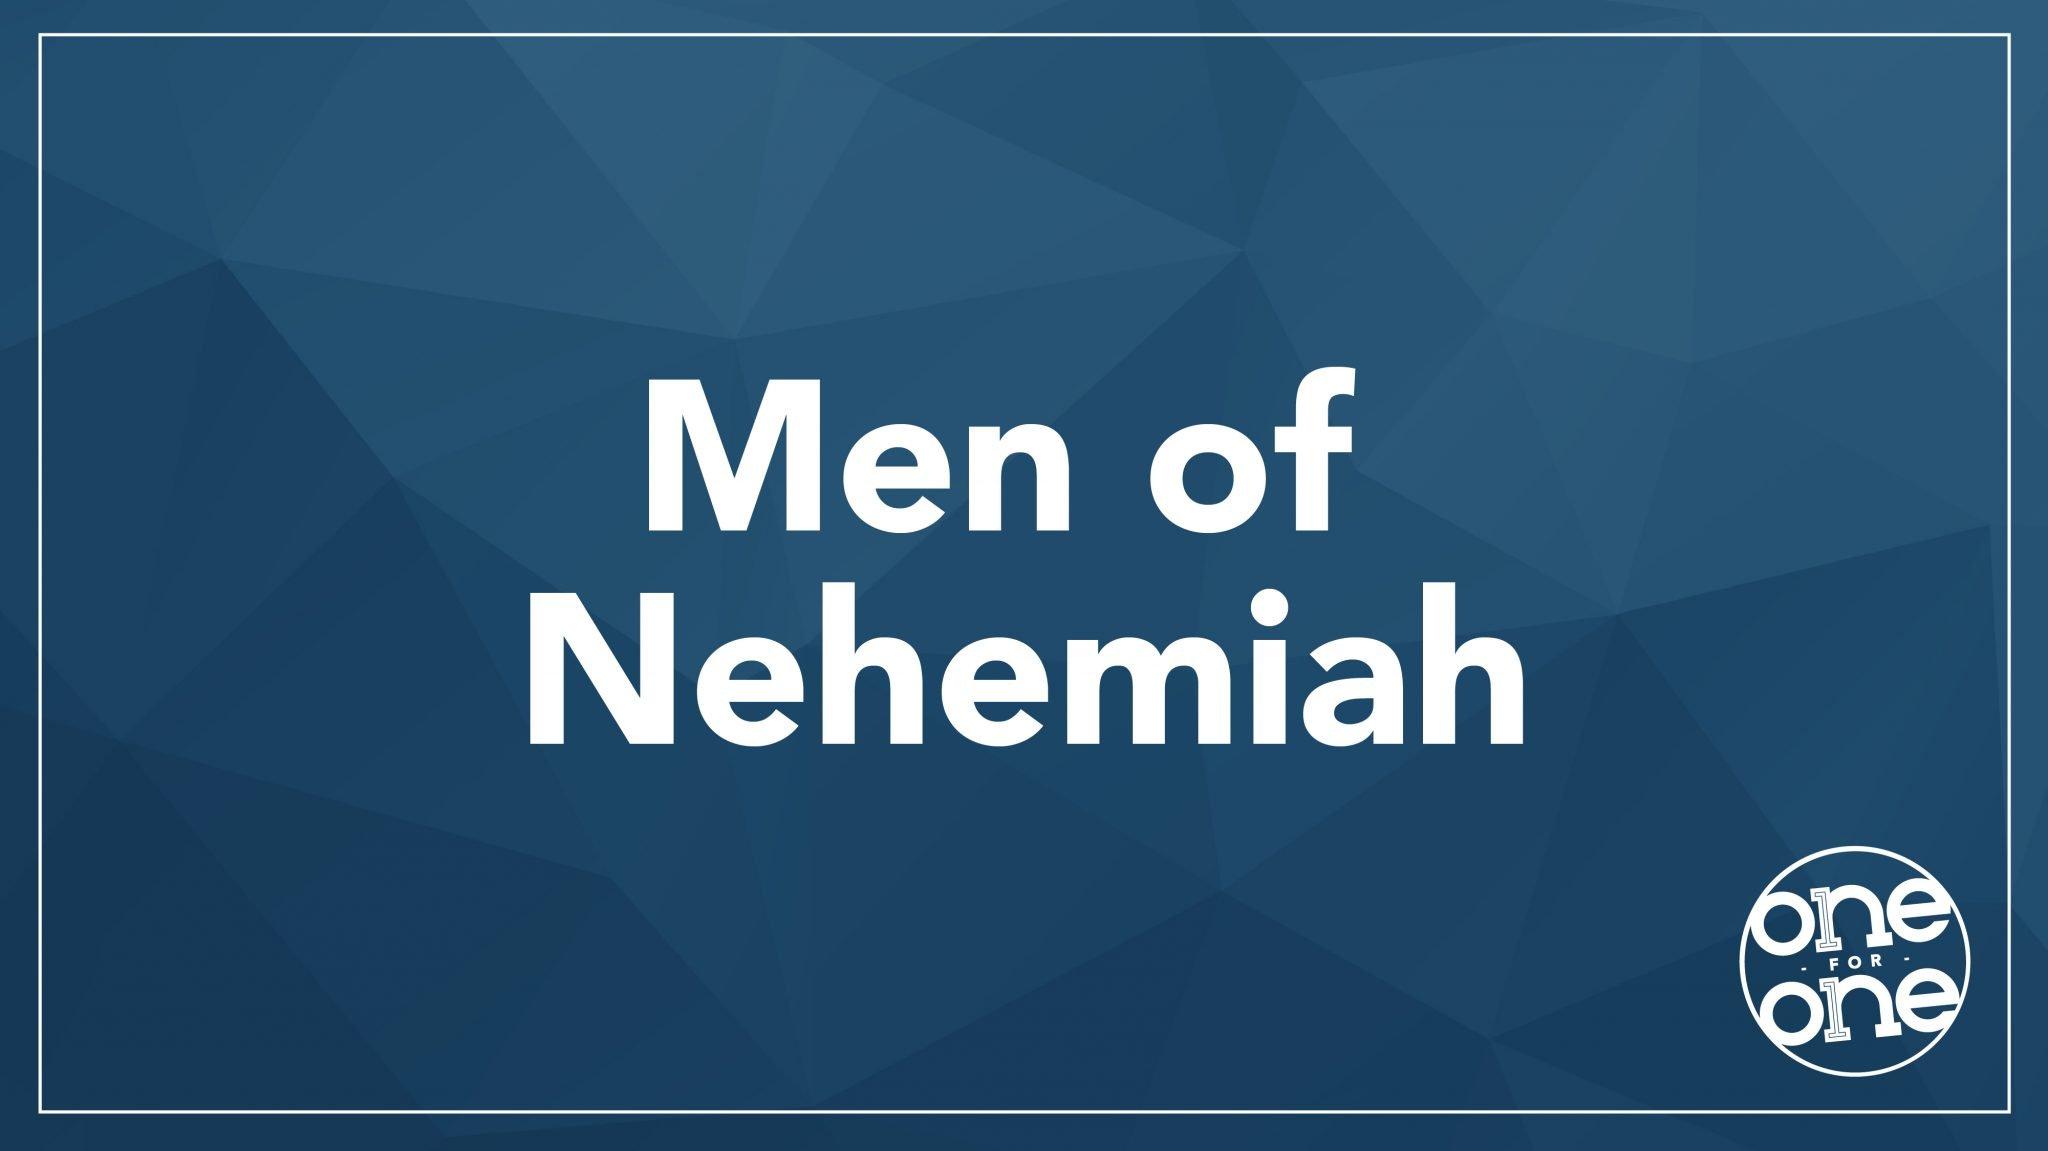 Men of Nehemiah